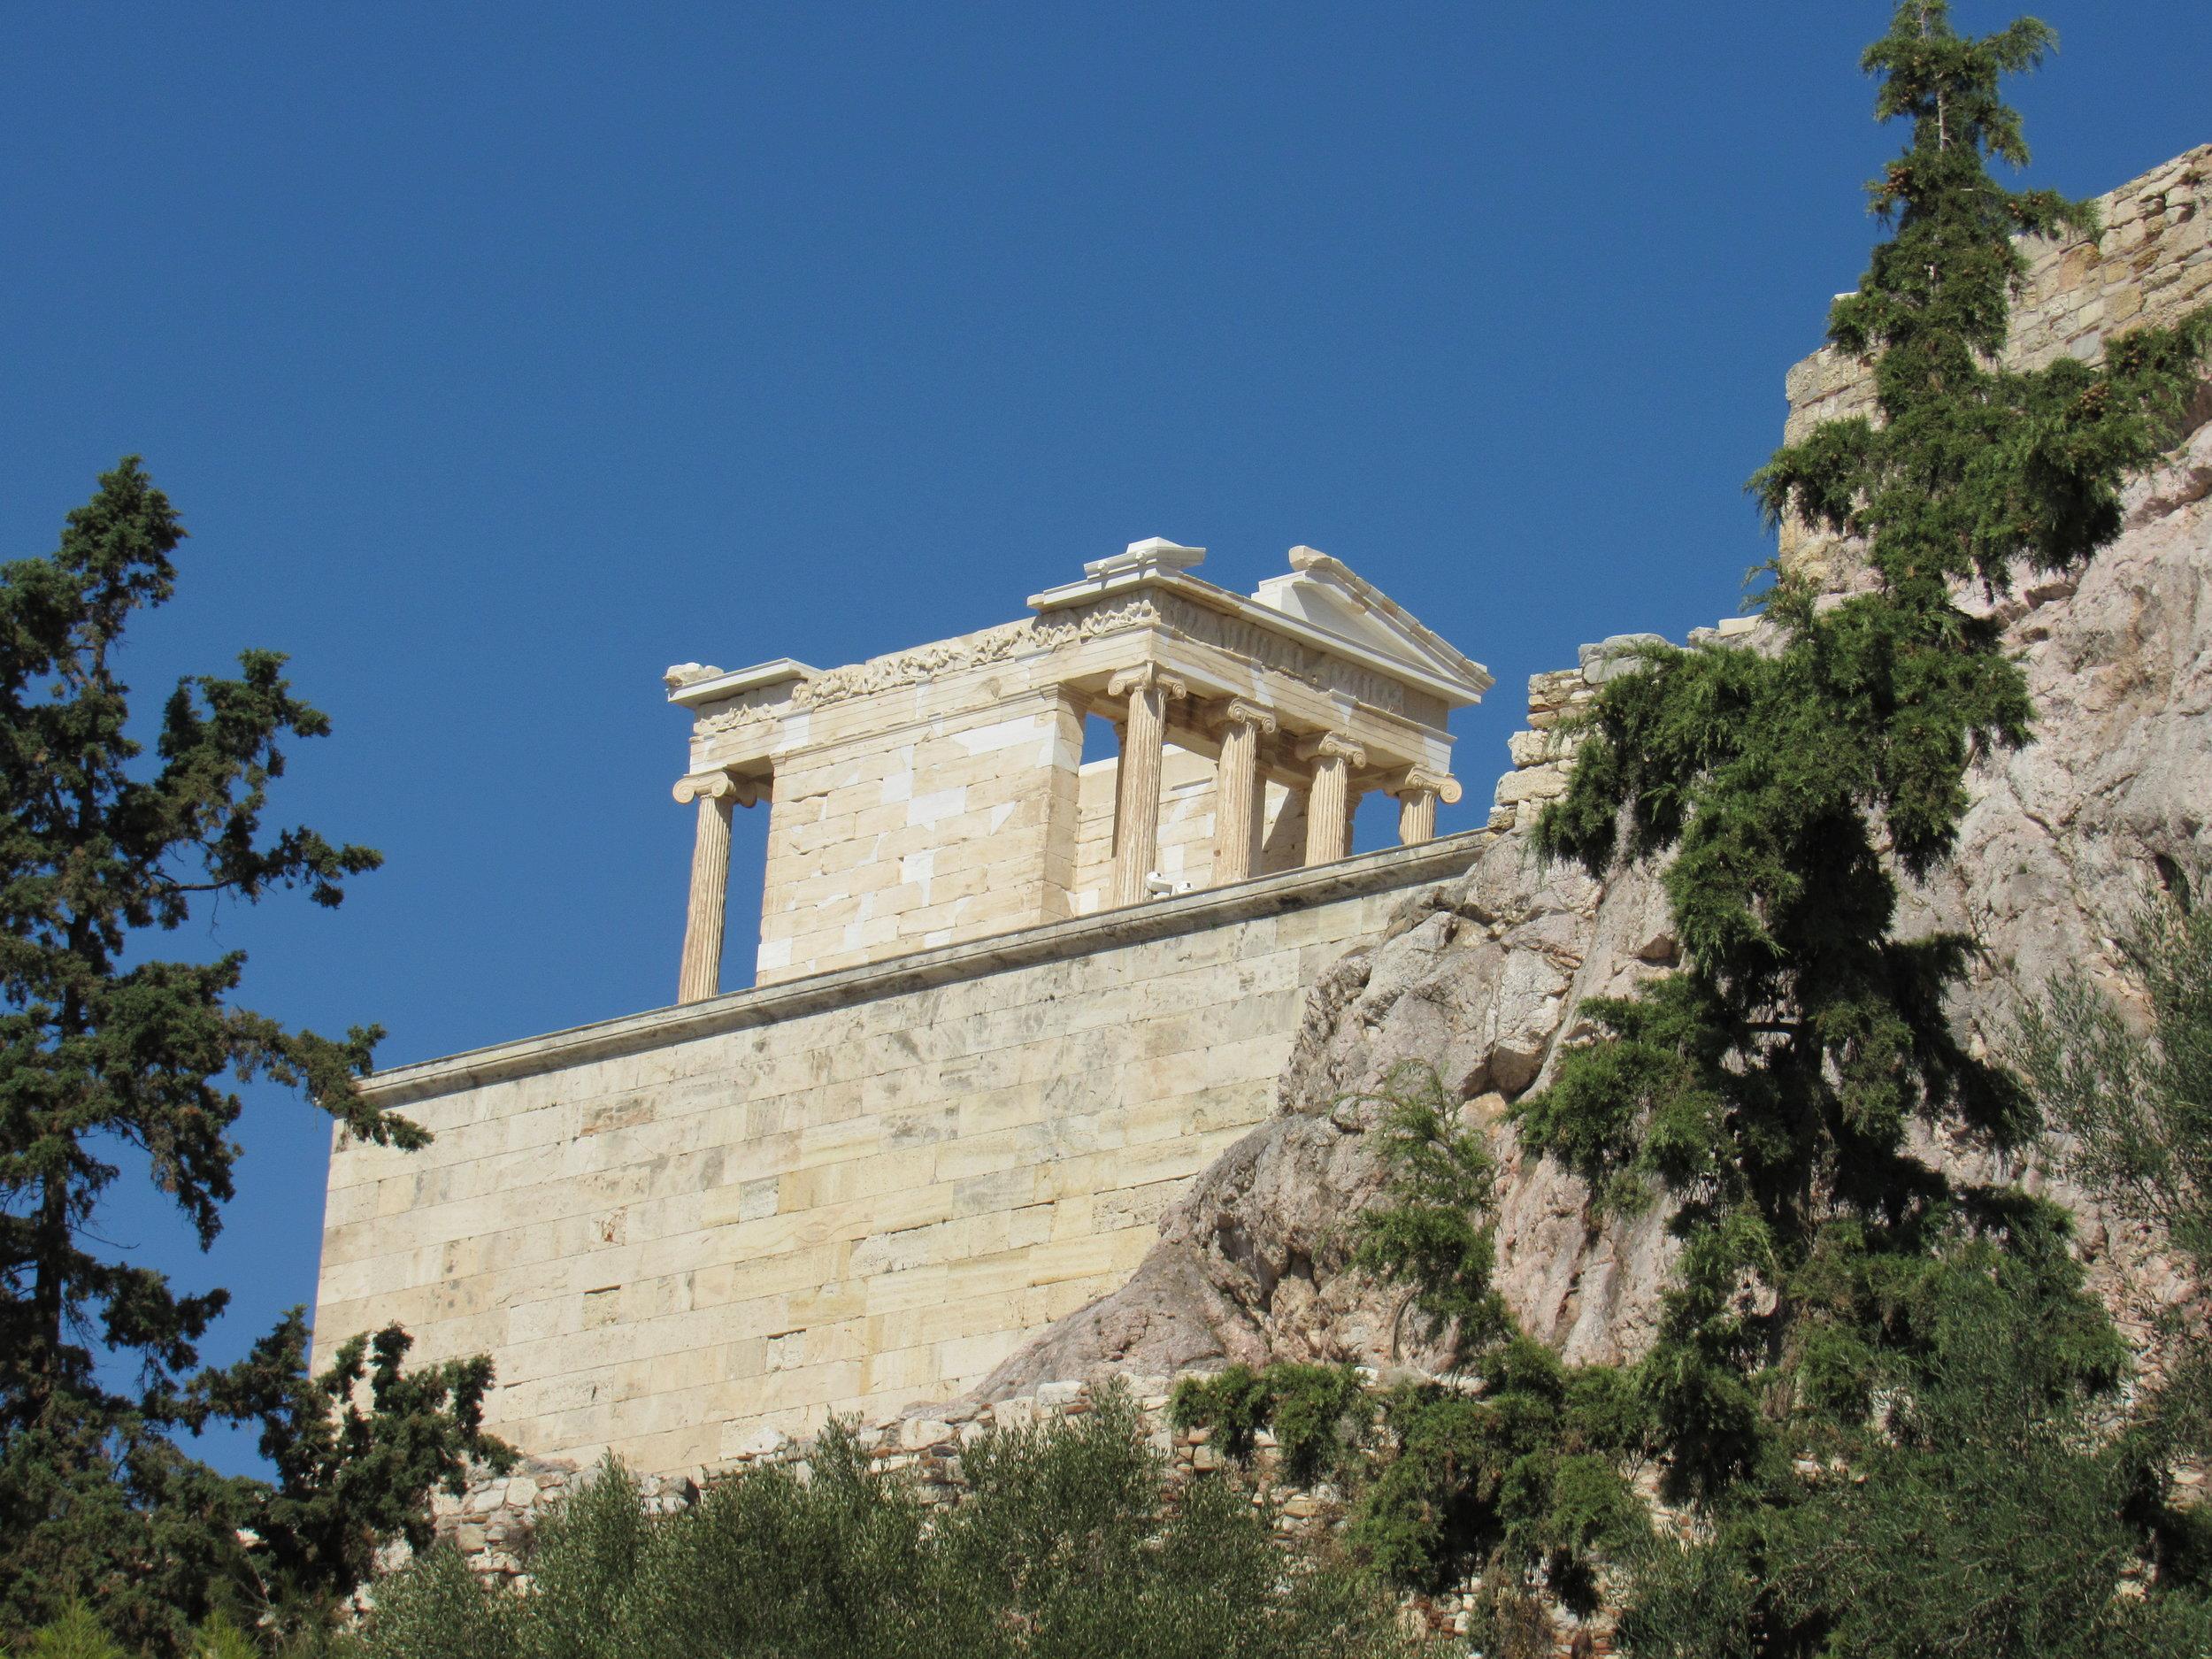 Temple of Athena Nike, Acropolis, Athens